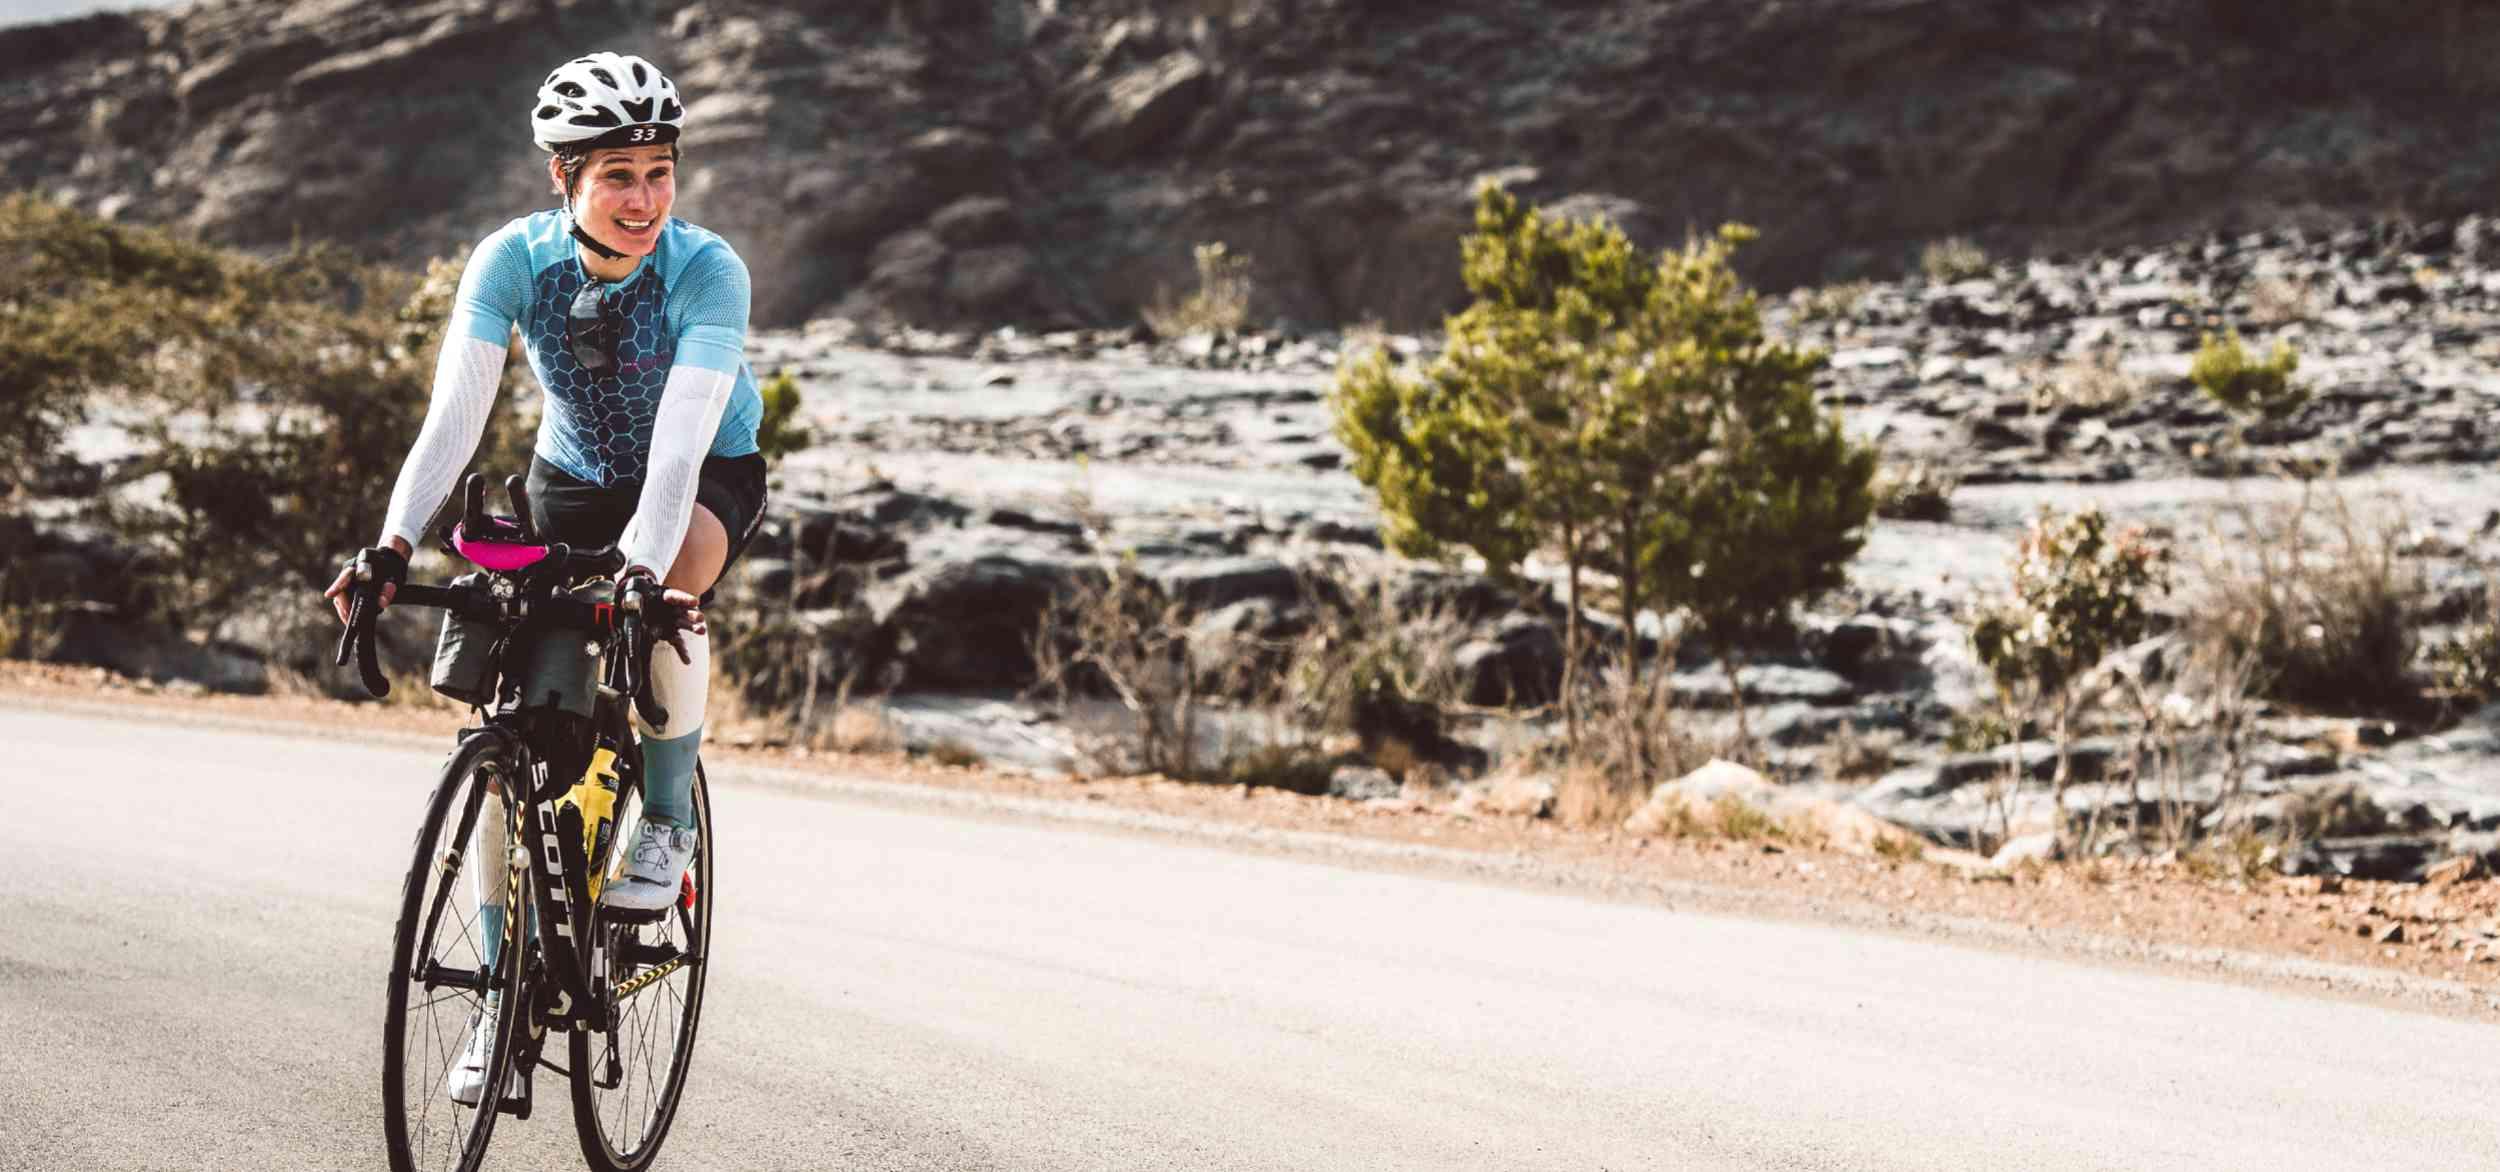 A woman riding a bike down a road